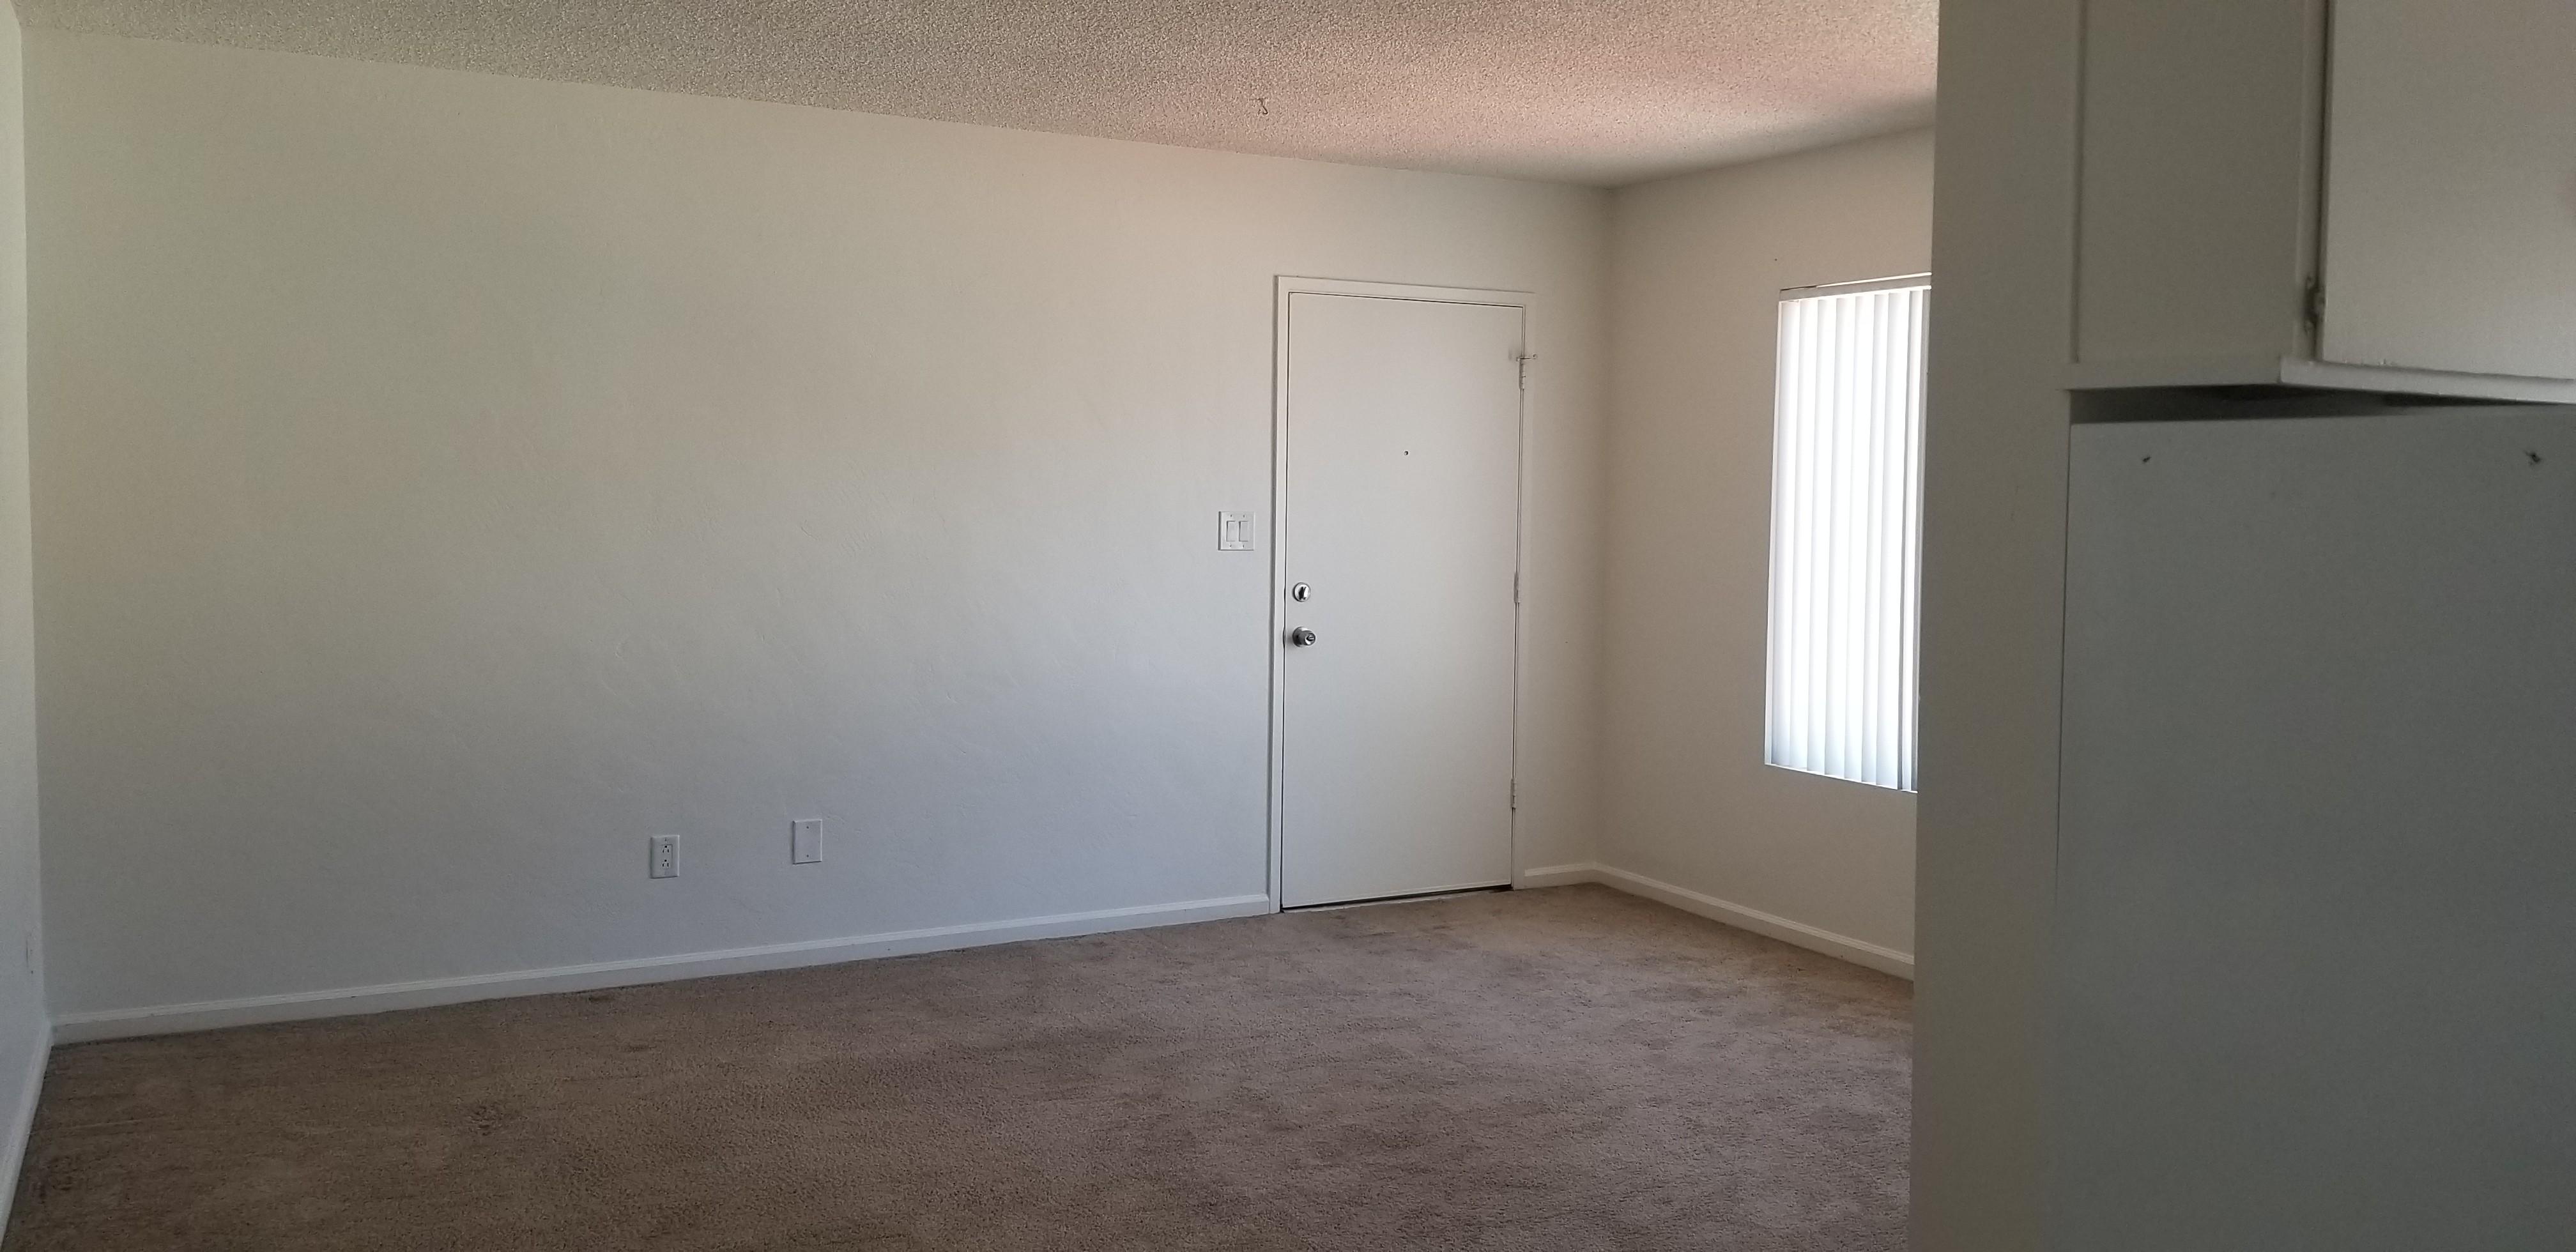 Utah St. Apartments